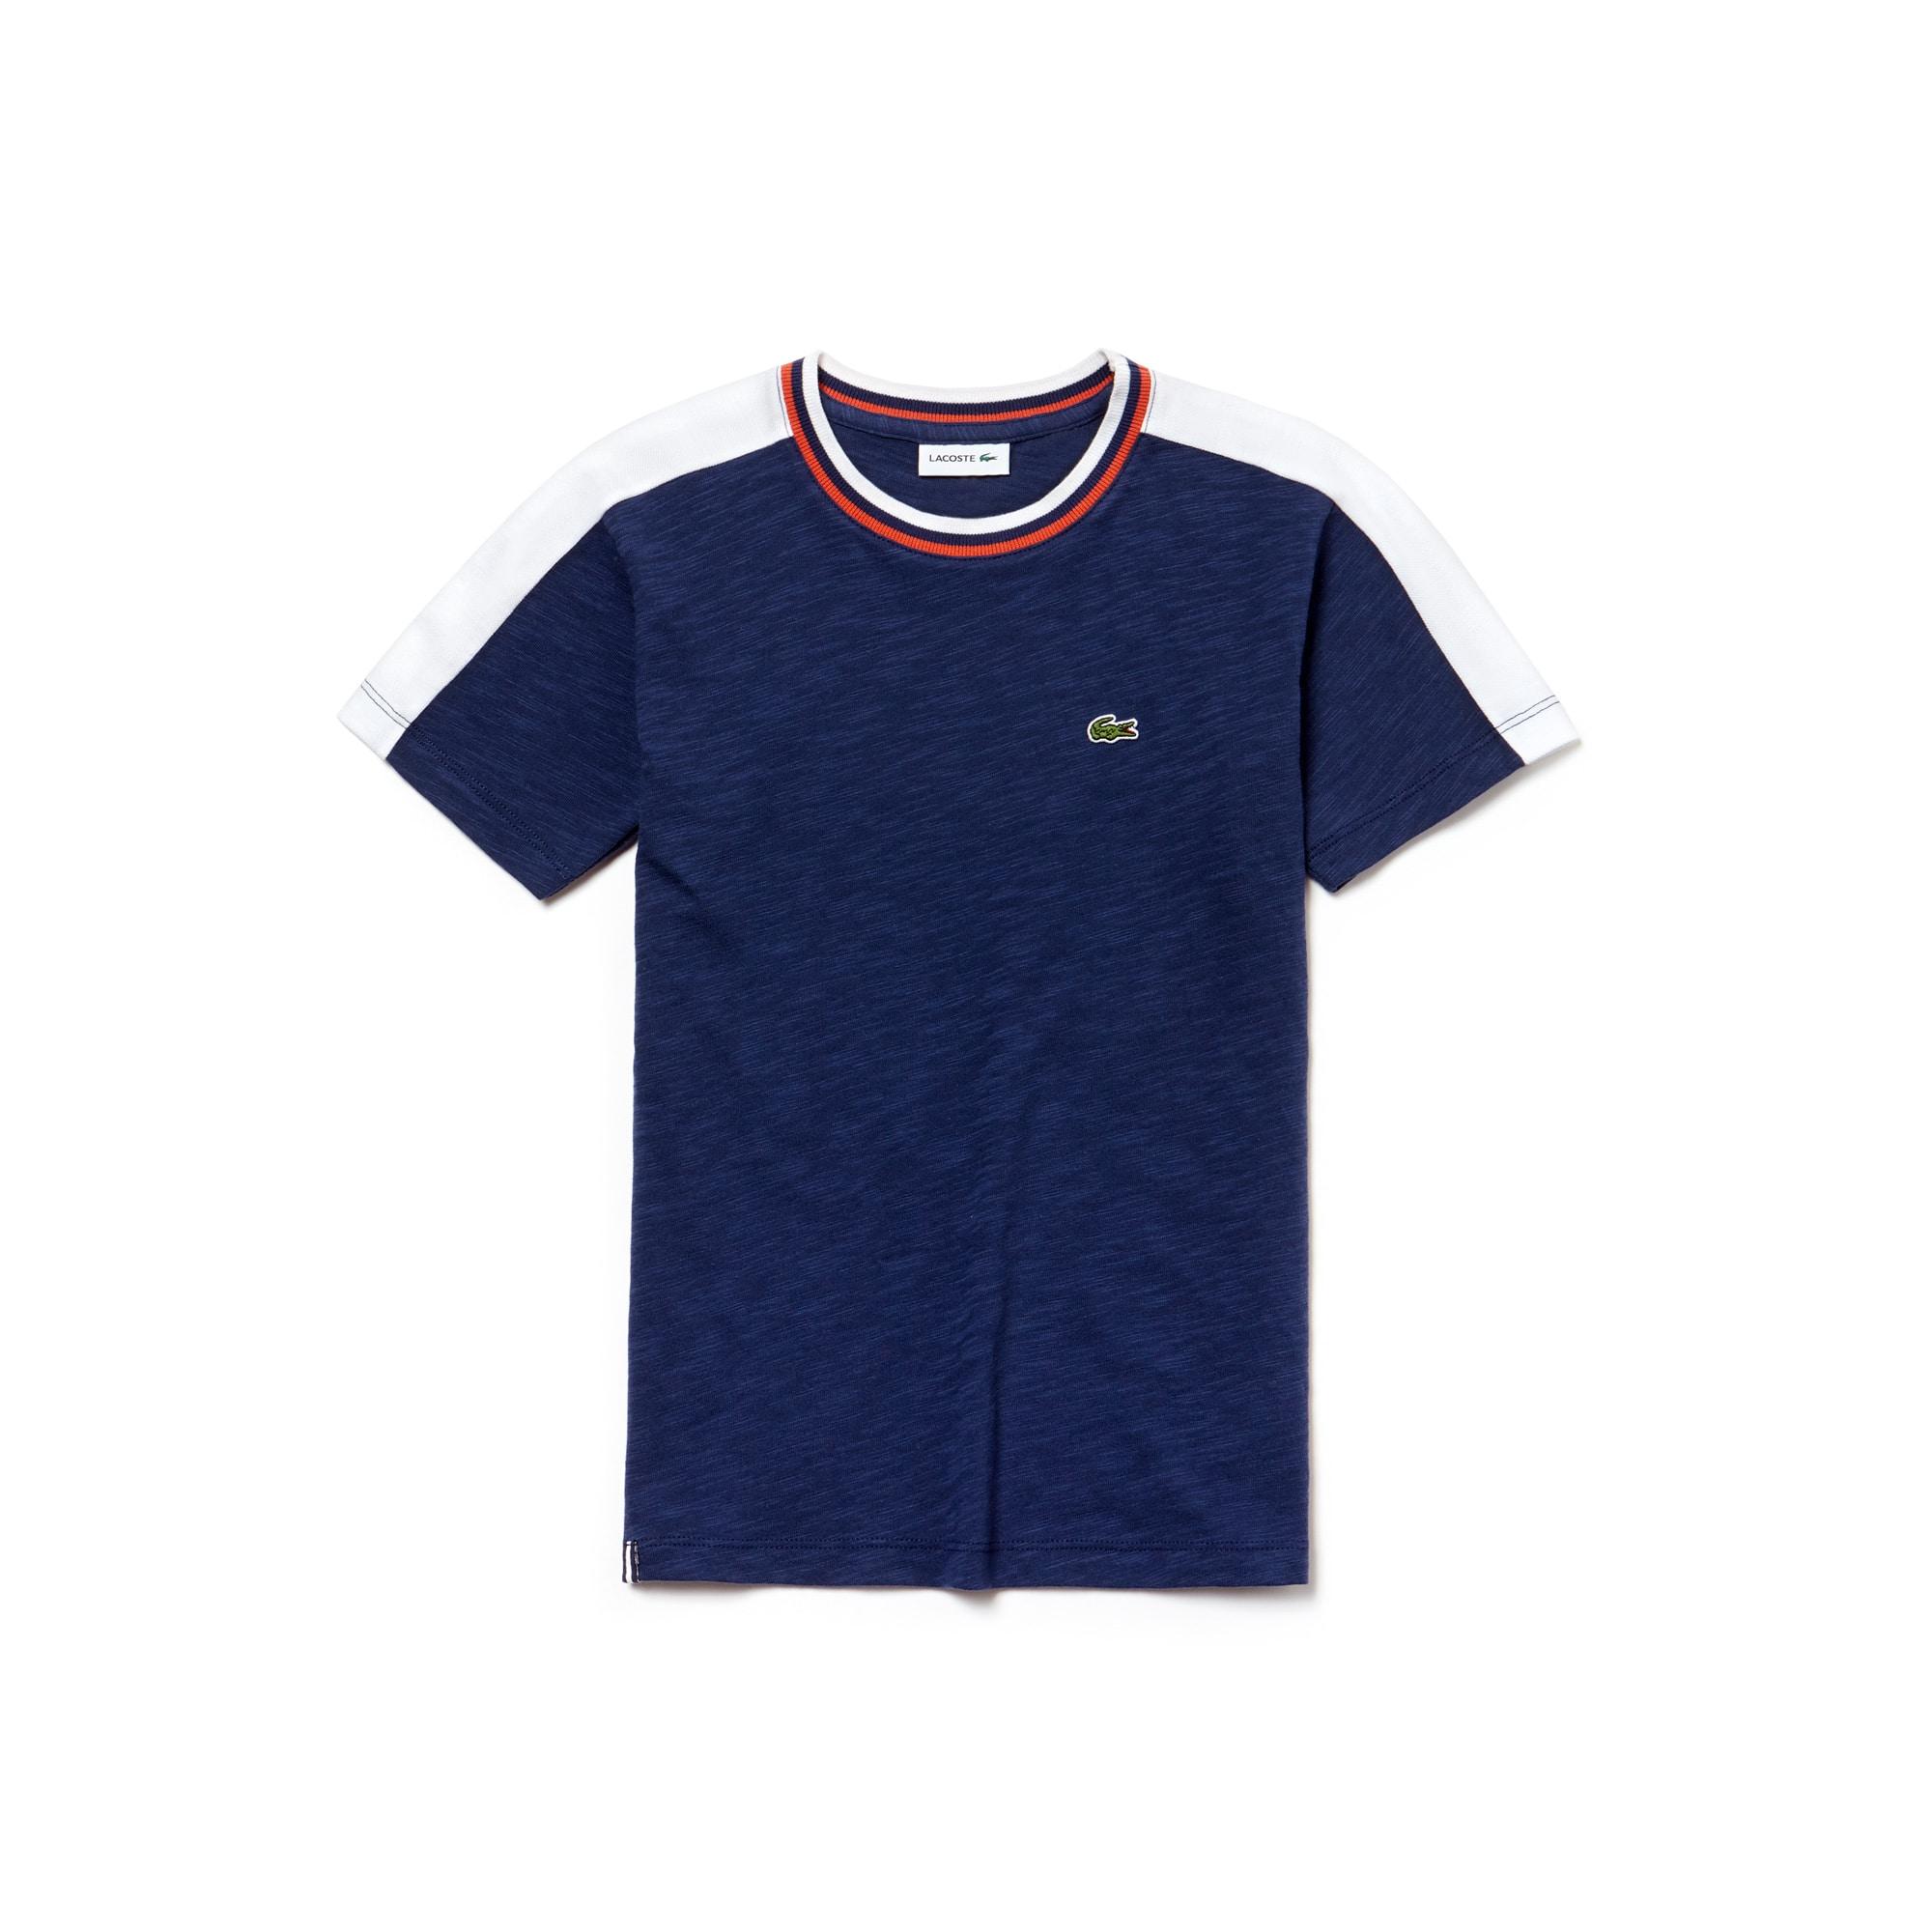 T-shirt Menino em jersey efeito mesclado color block